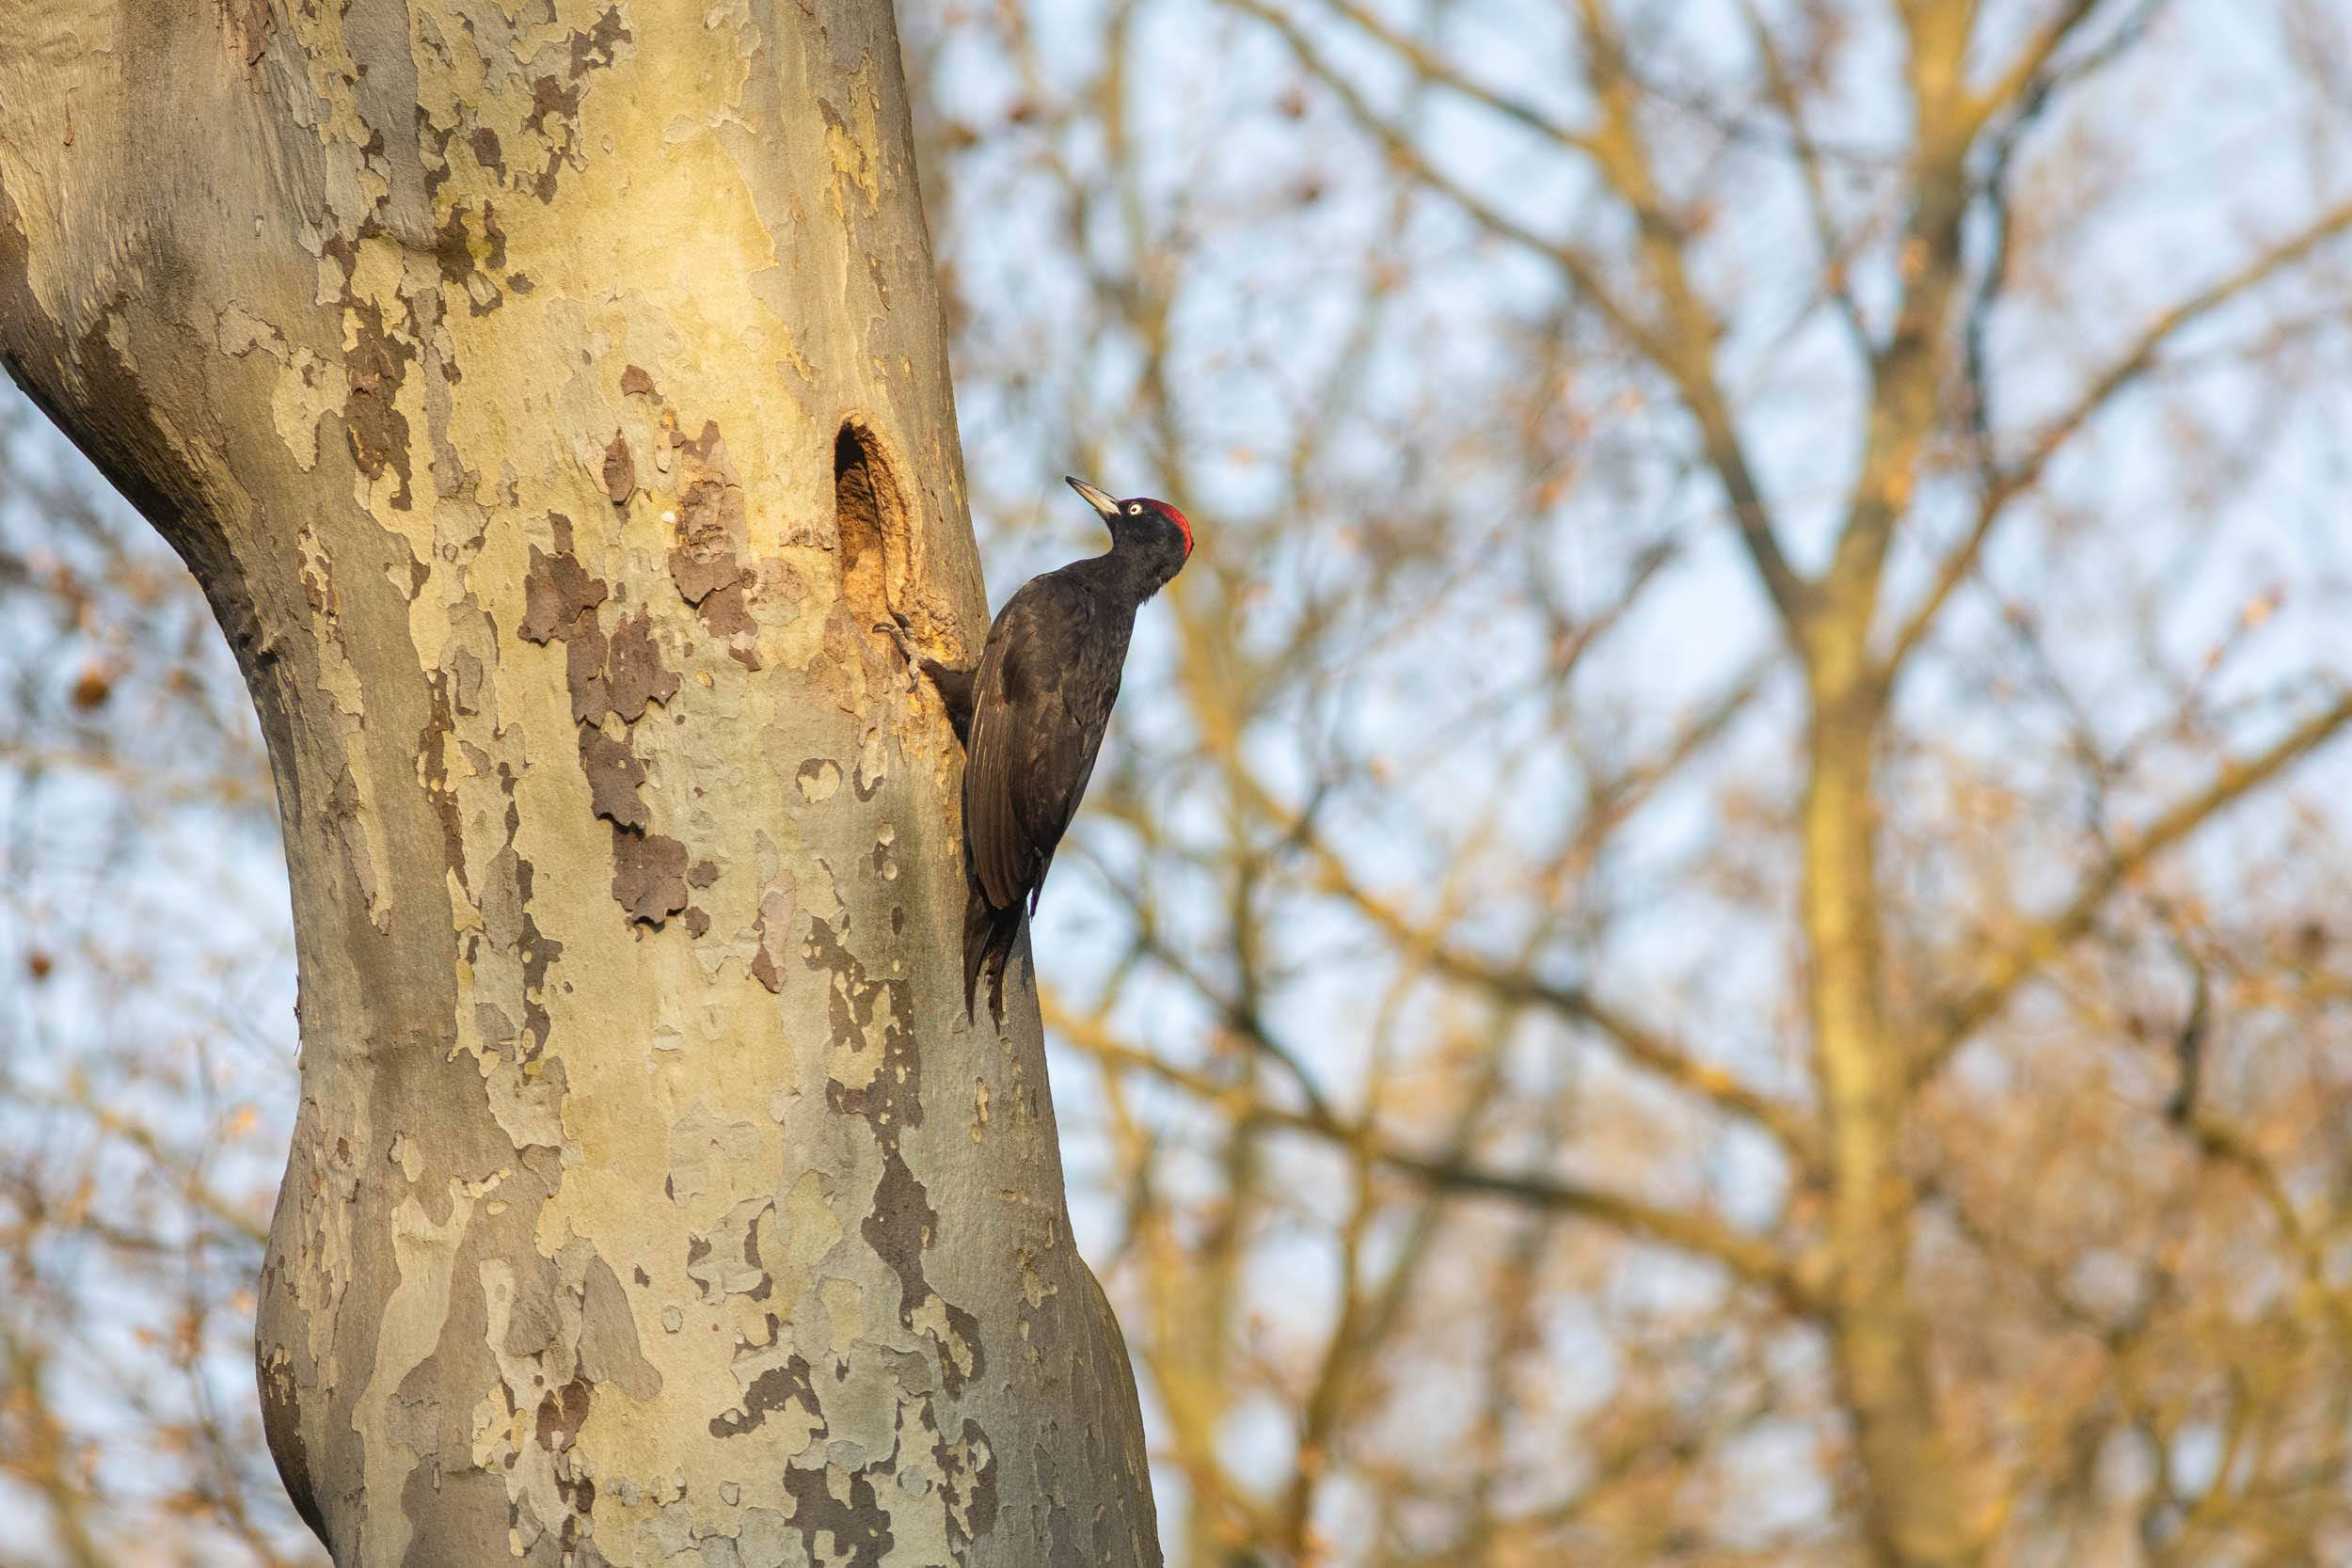 Pic noir (mâle) entrant dans son nid, dans le bois de Boulogne, avril 2021